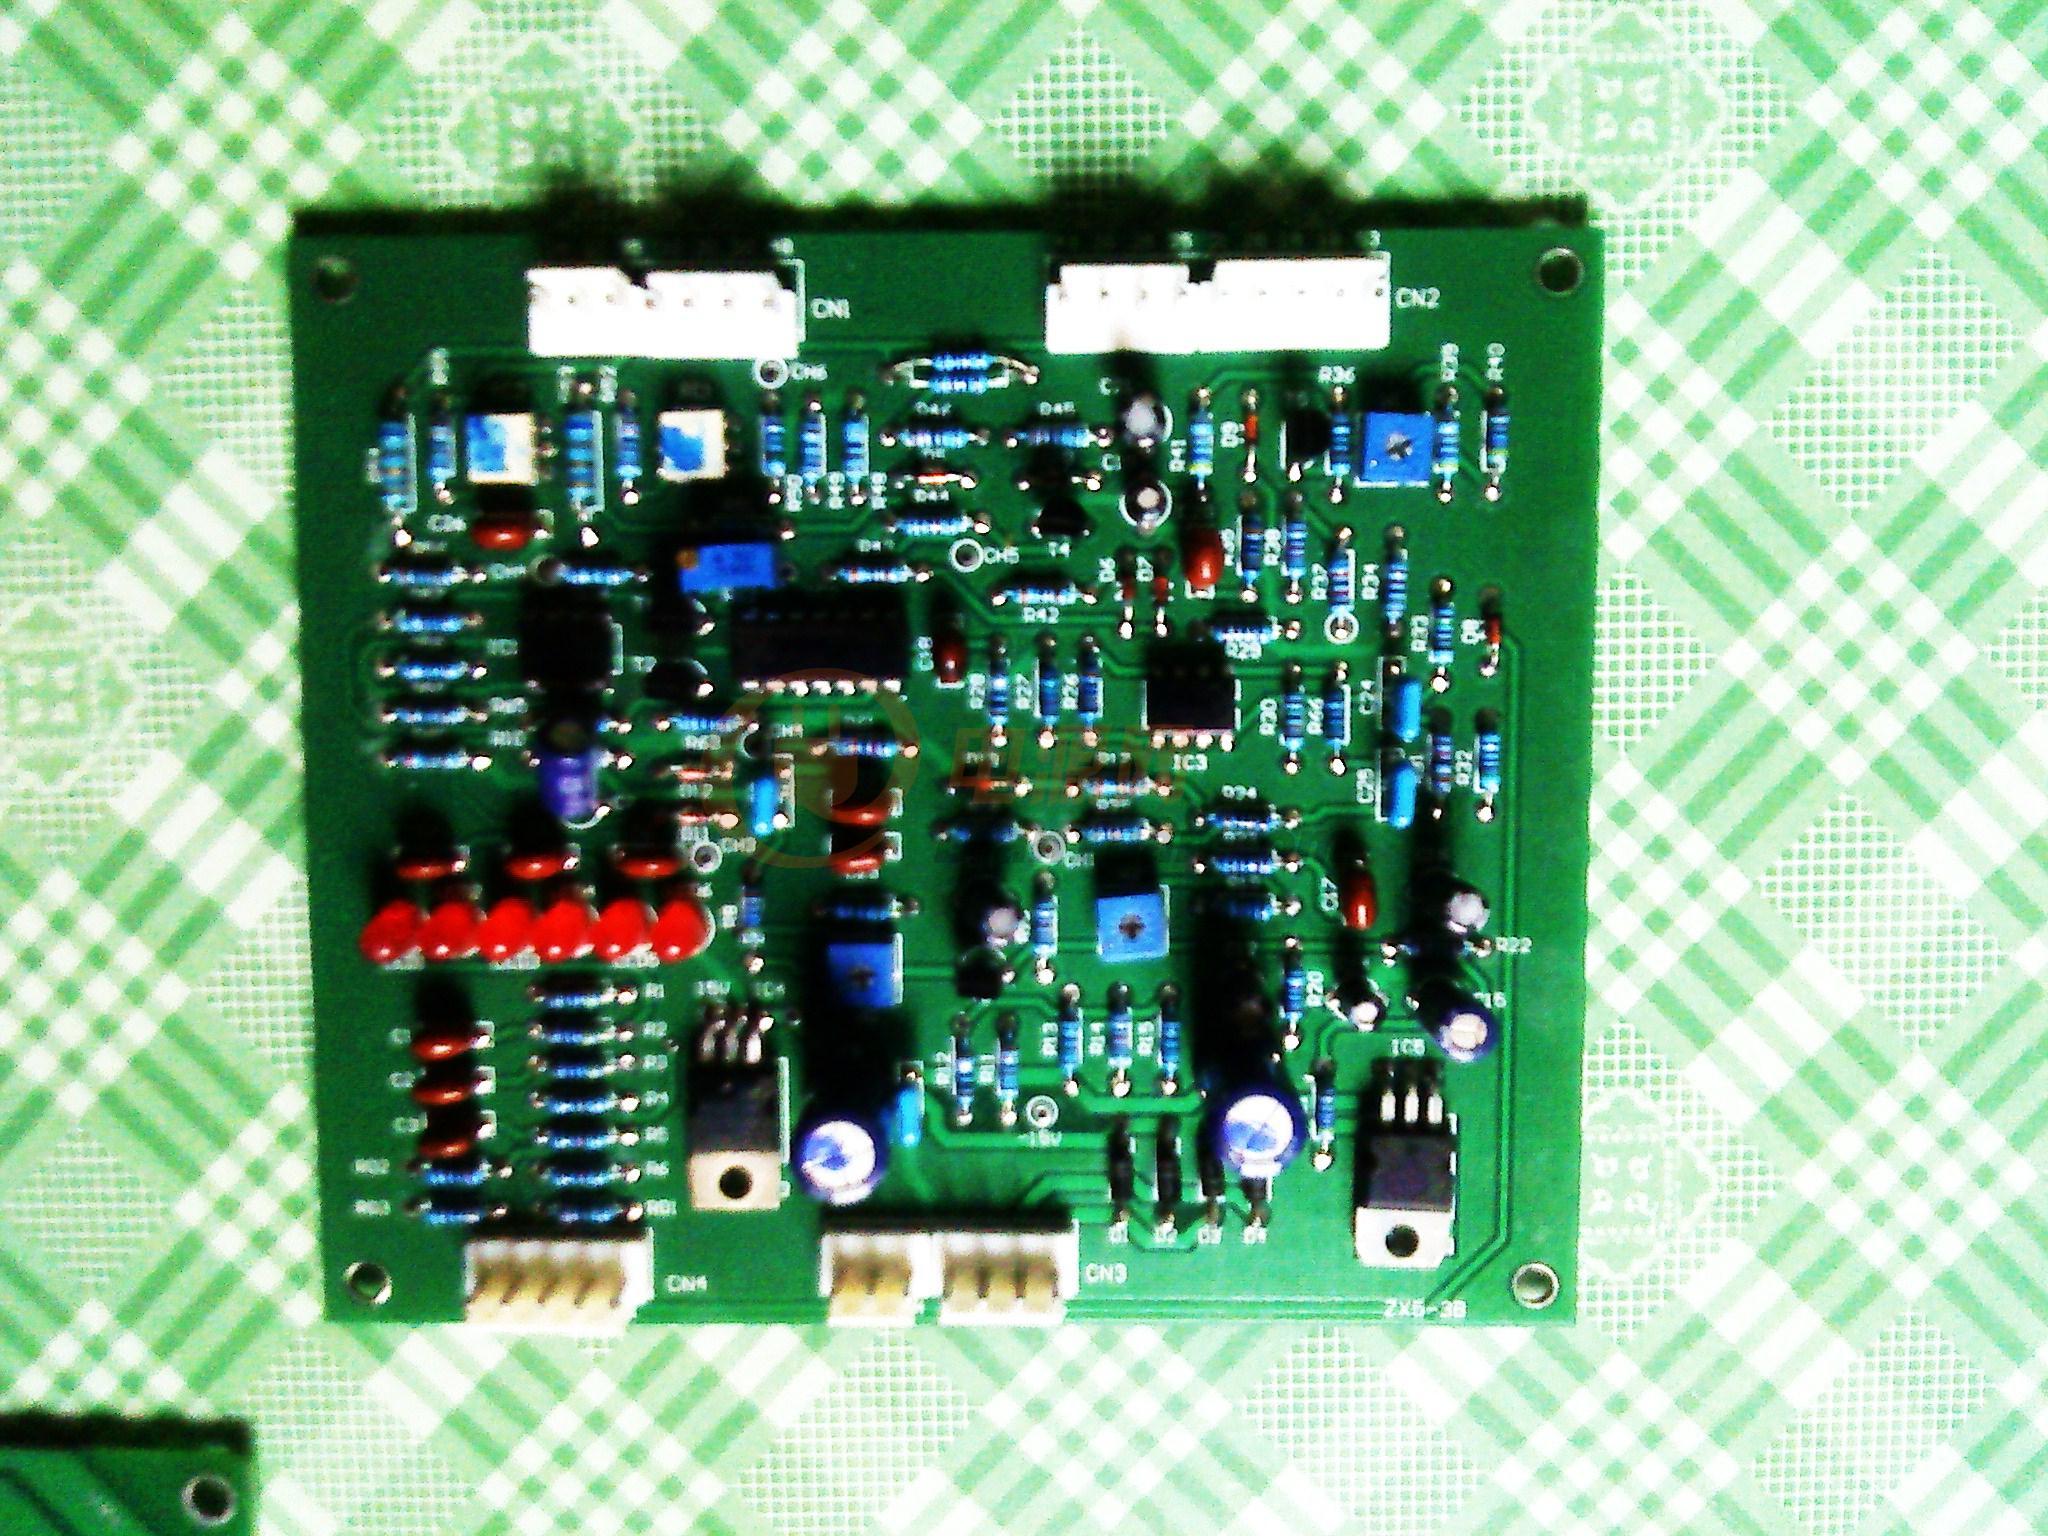 电路板 平面图 2048_1536